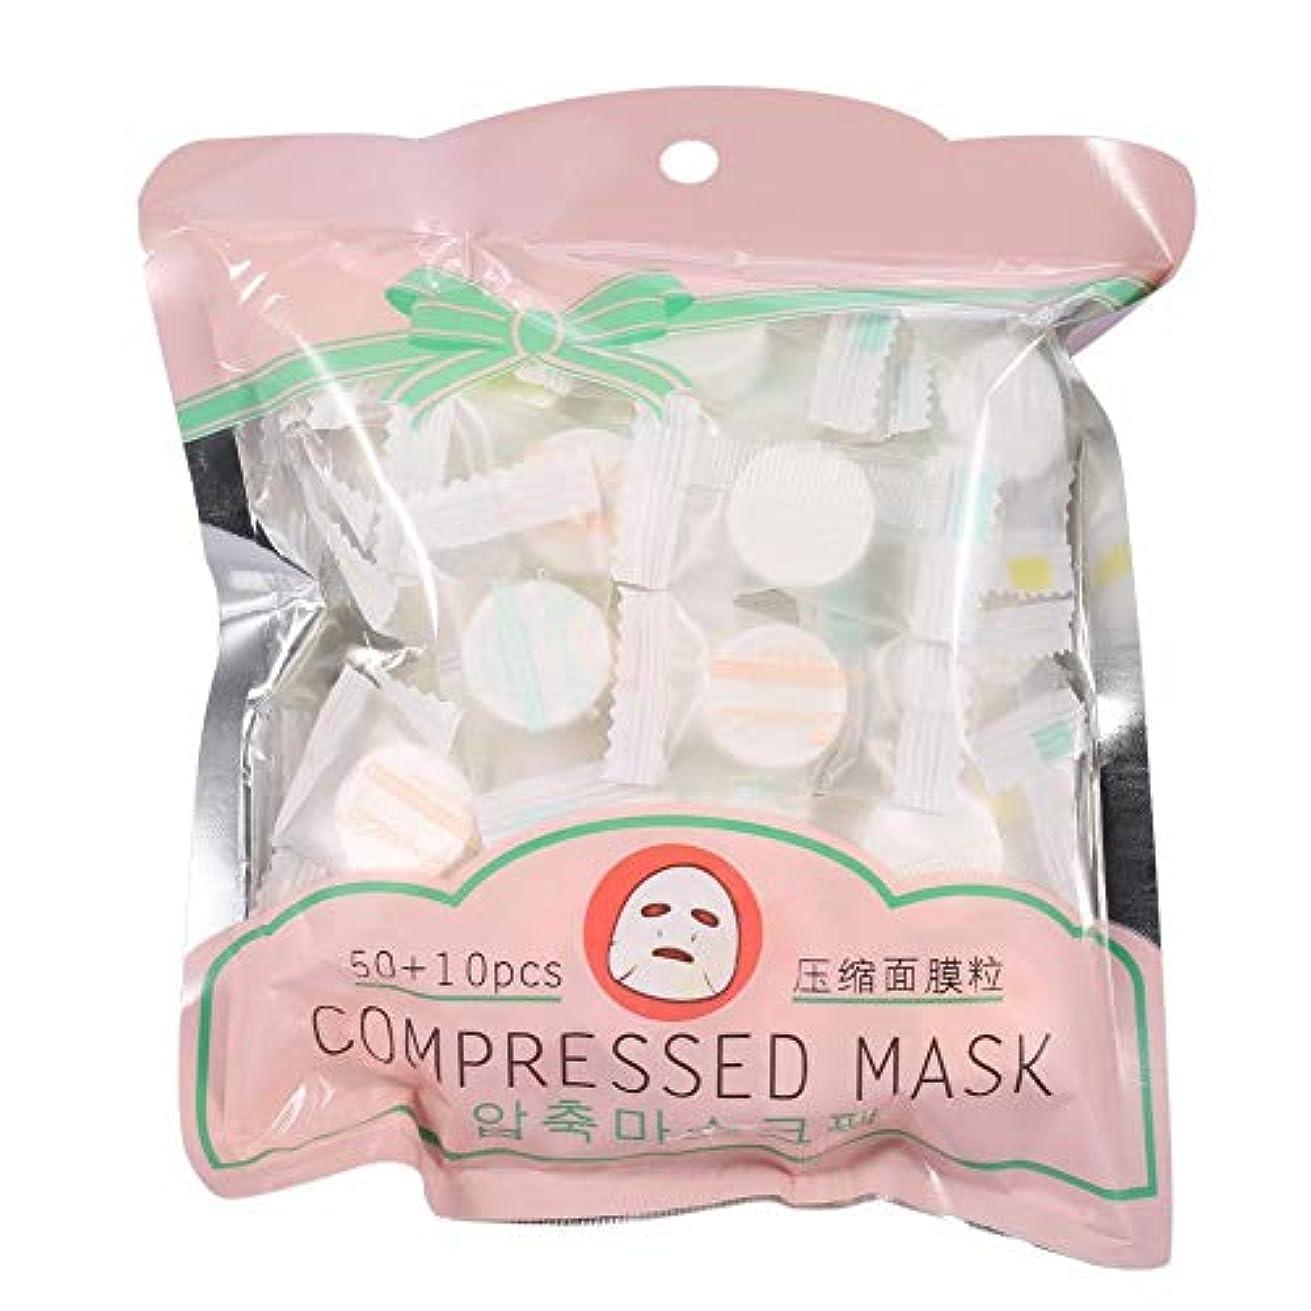 分祝福キャロライン圧縮マスク、60/30/15ピース屋外旅行圧縮綿使い捨てマスクタブレット布ワイプ紙ティッシュフェイスケアdiyフェイシャルペーパーマスク(60個)